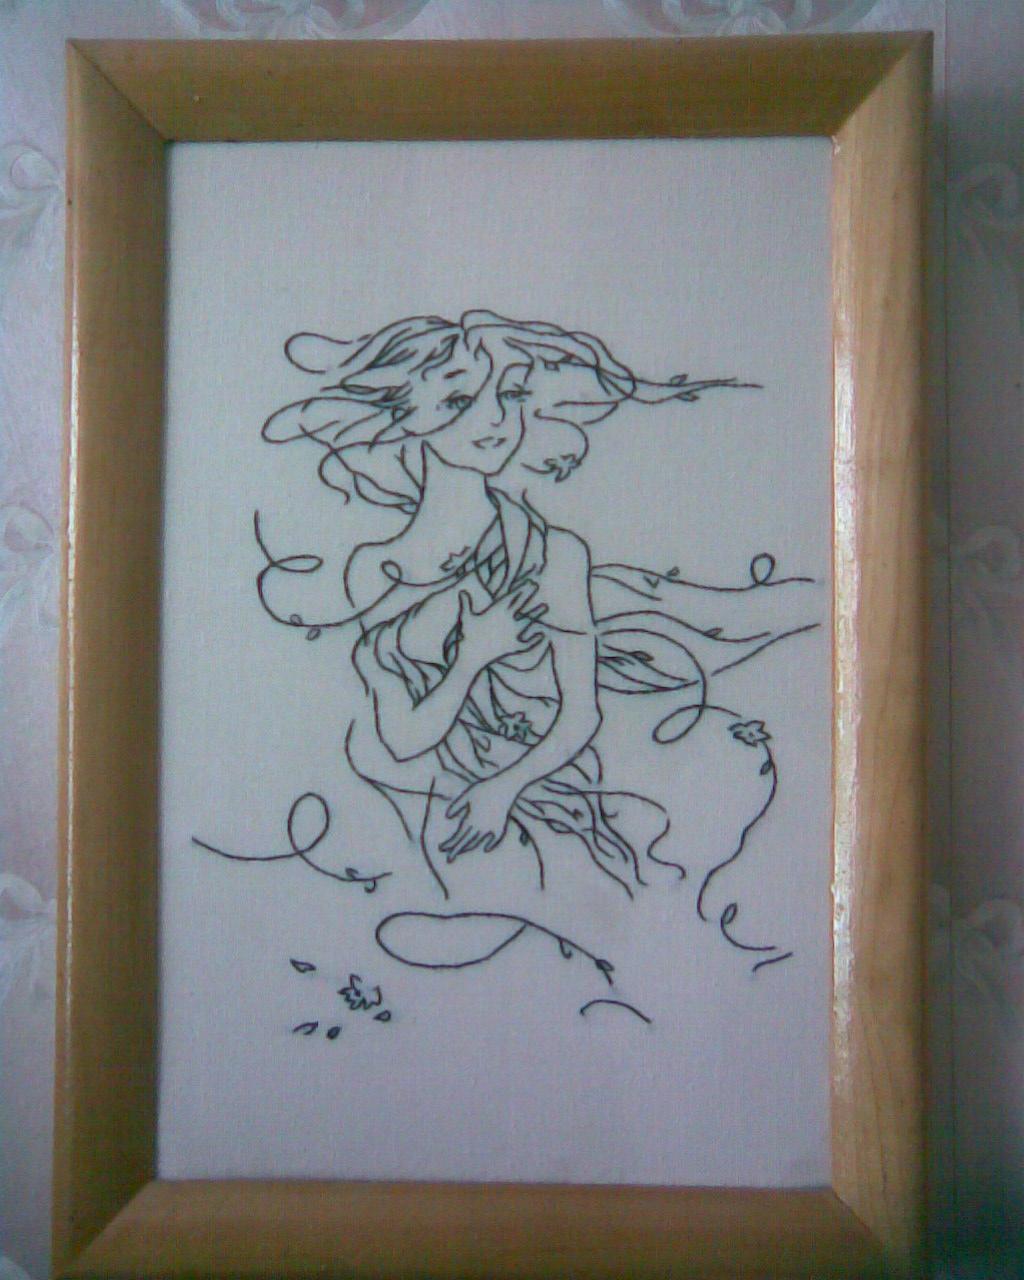 Девочка, ветер весна. Рукодельный конкурс 'Женские образы в рукоделии'